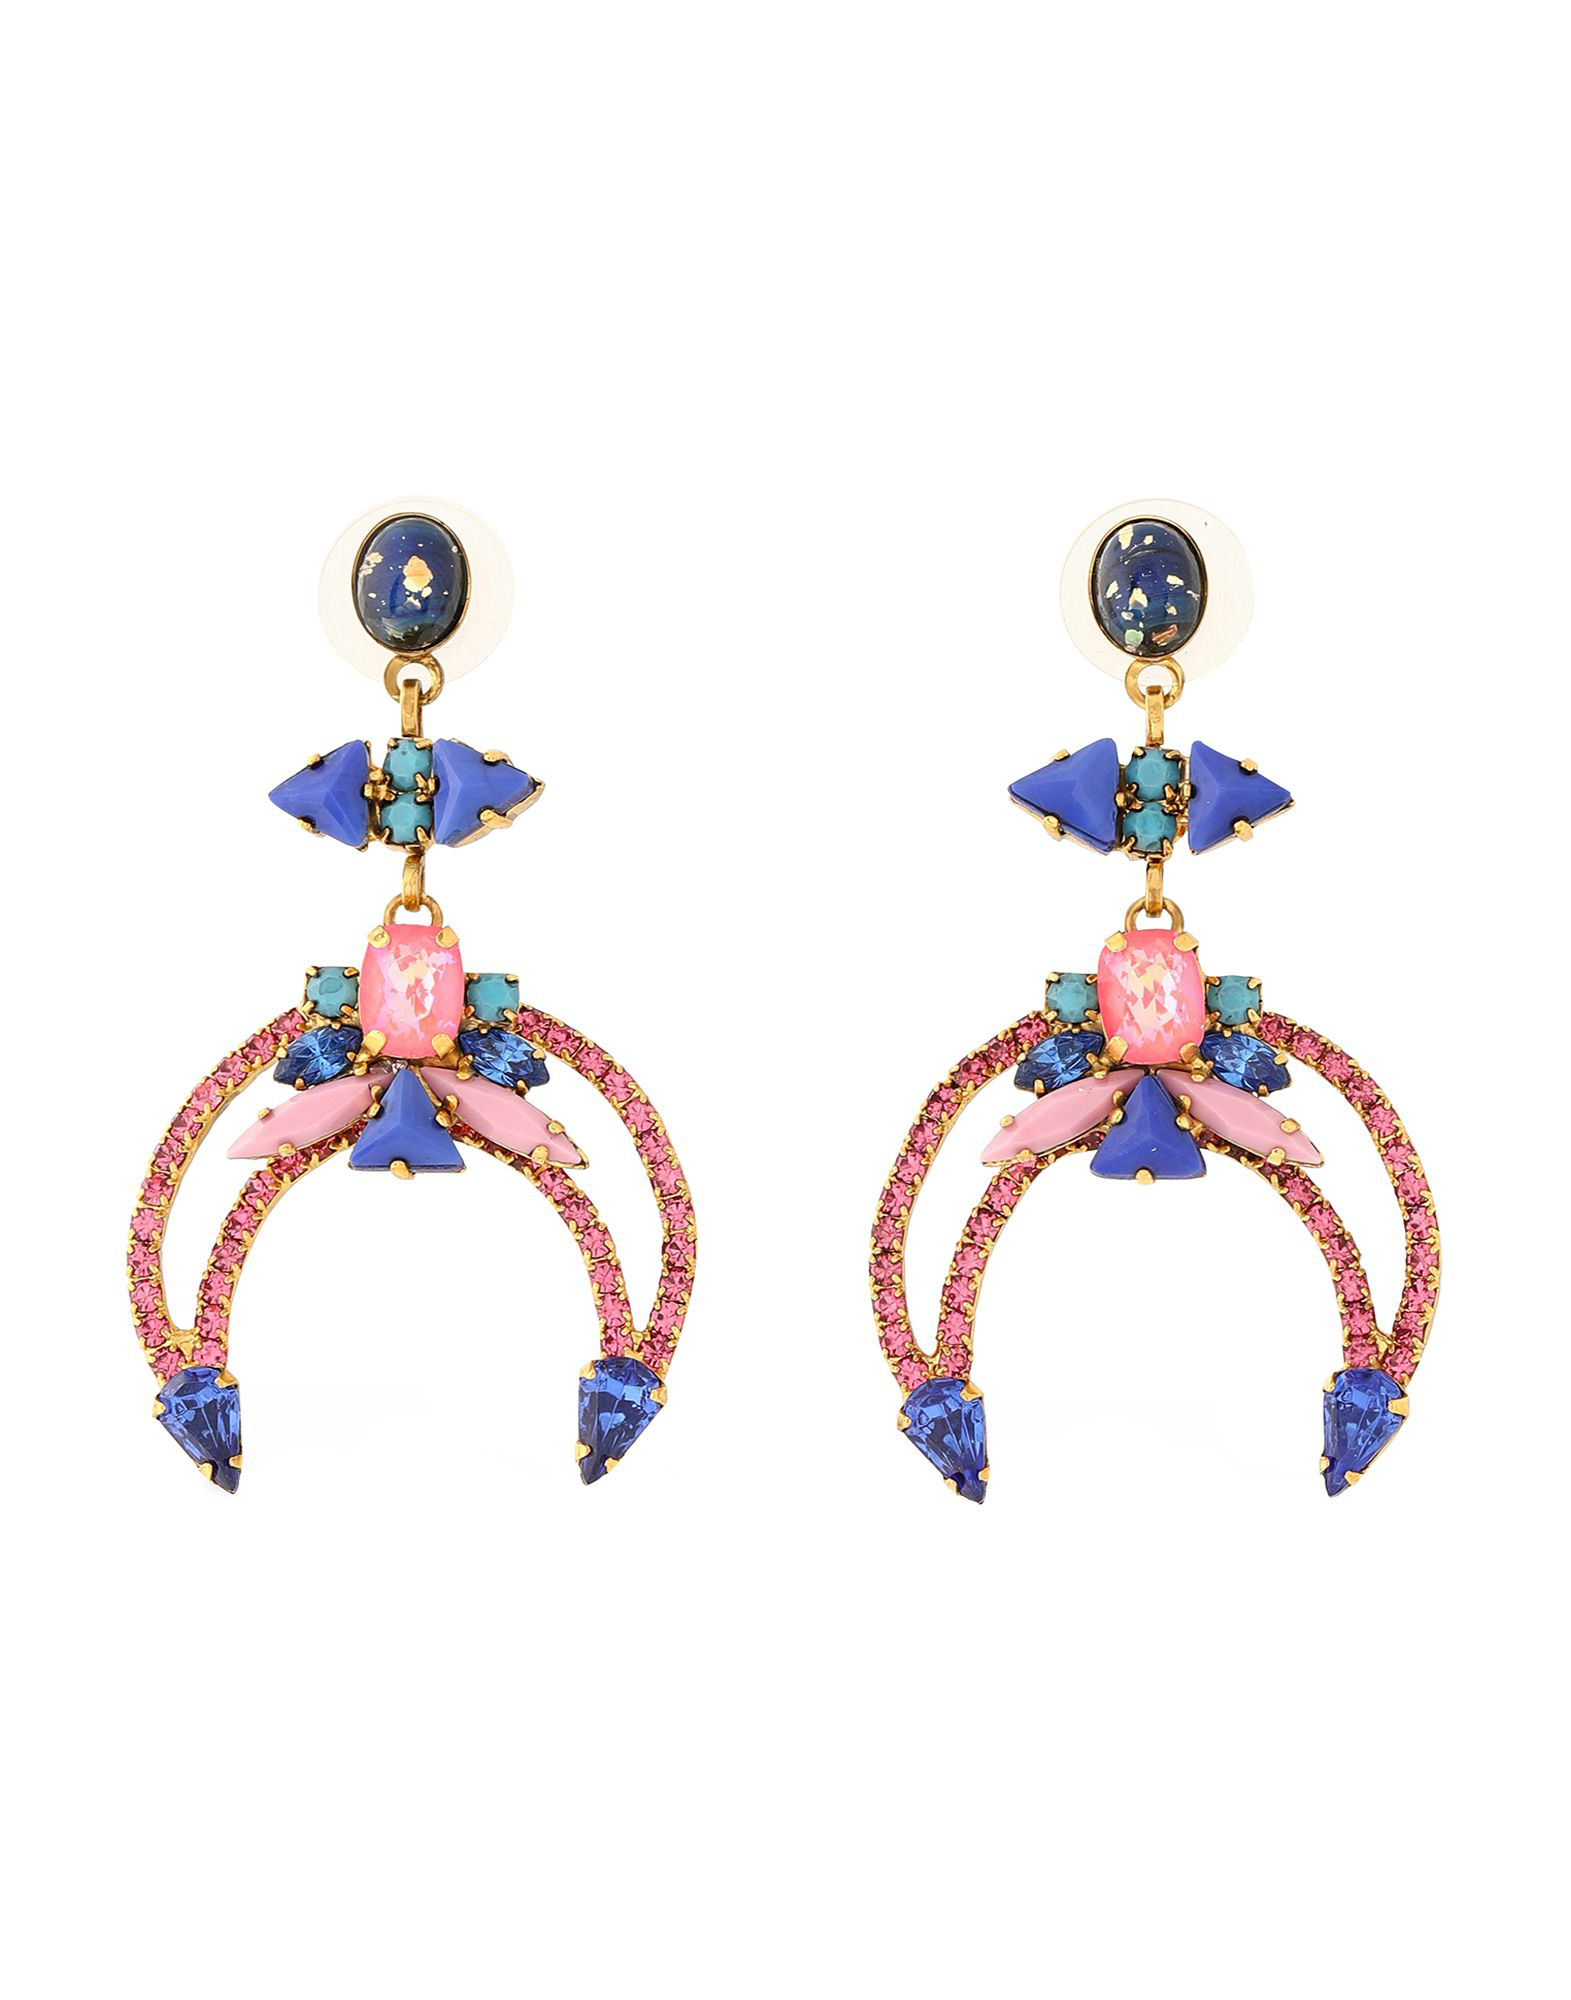 Elizabeth Cole Earrings In Fuchsia